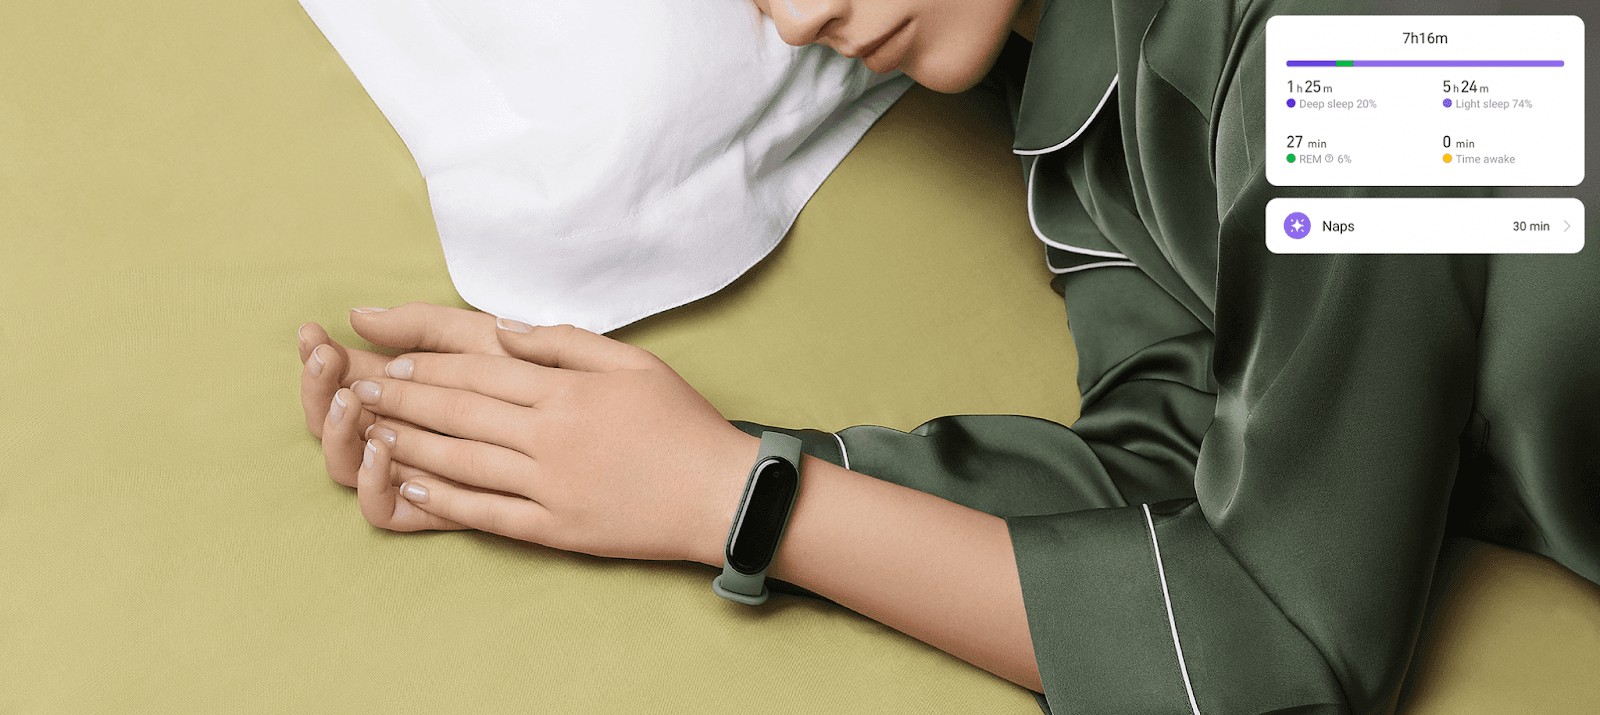 Xiaomi mi band 5 и показатели сна